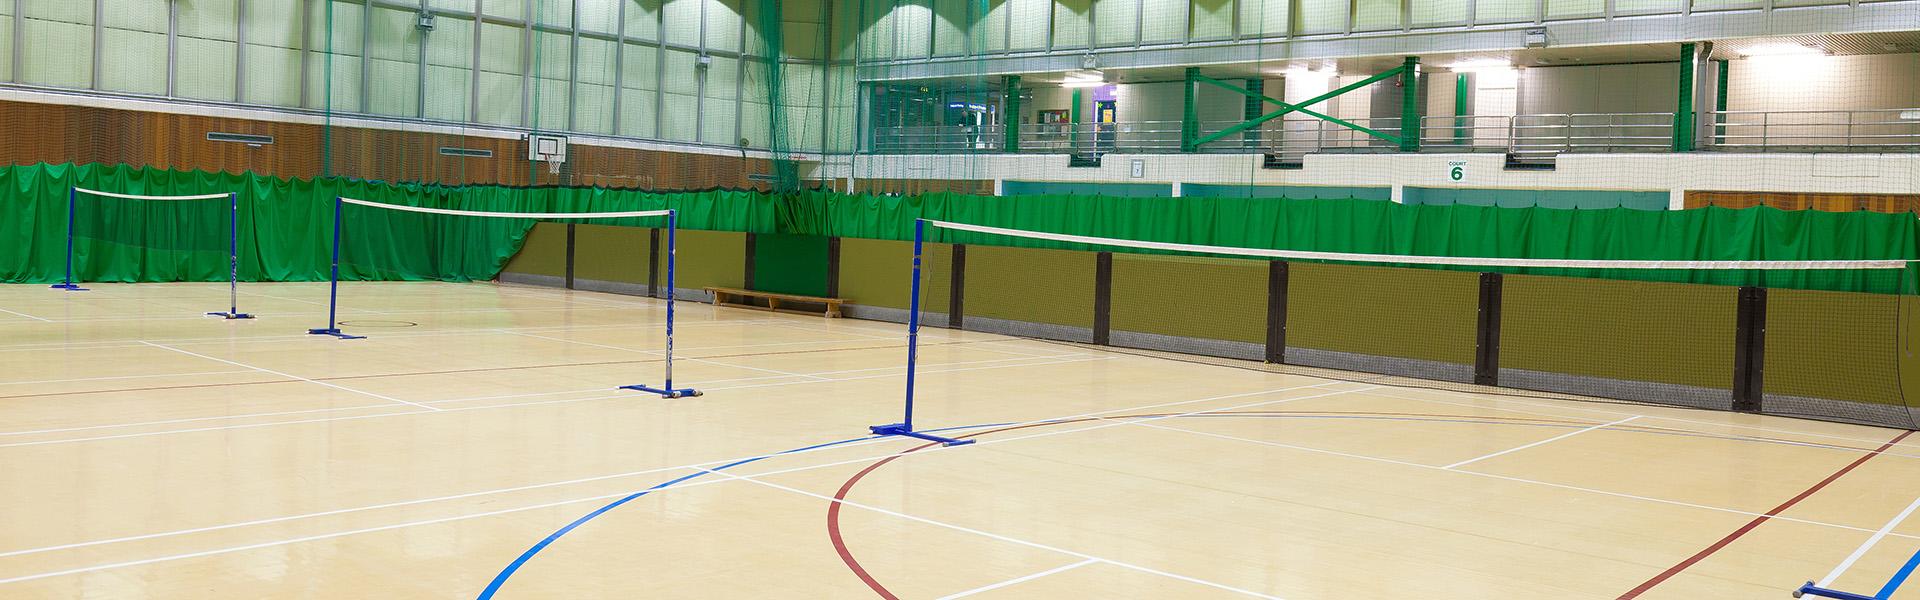 Wycombe Sports Hall